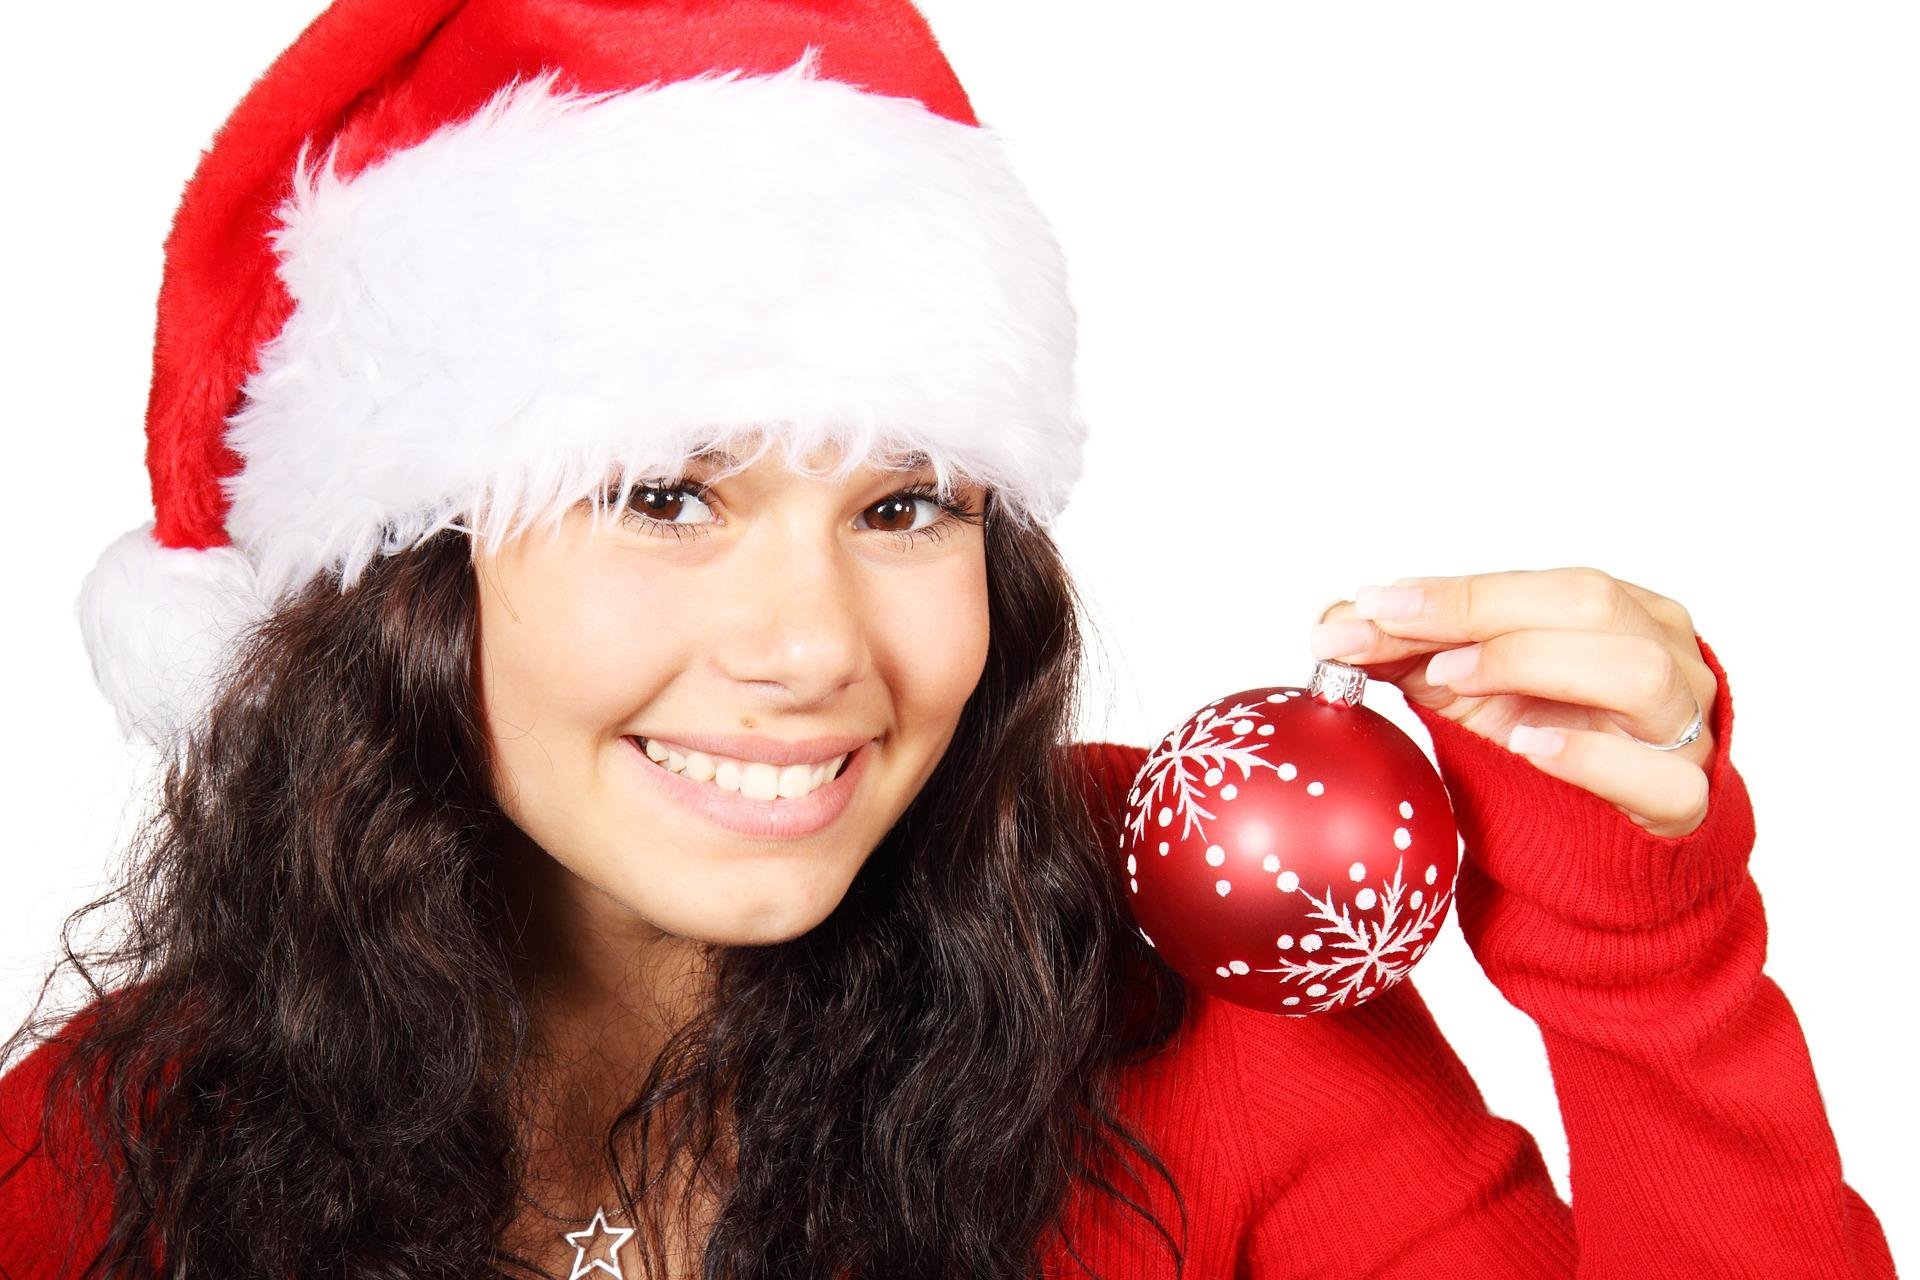 ¡Feliz Navidad de parte de todo el equipo de la Clínica Dental Cuadrado!